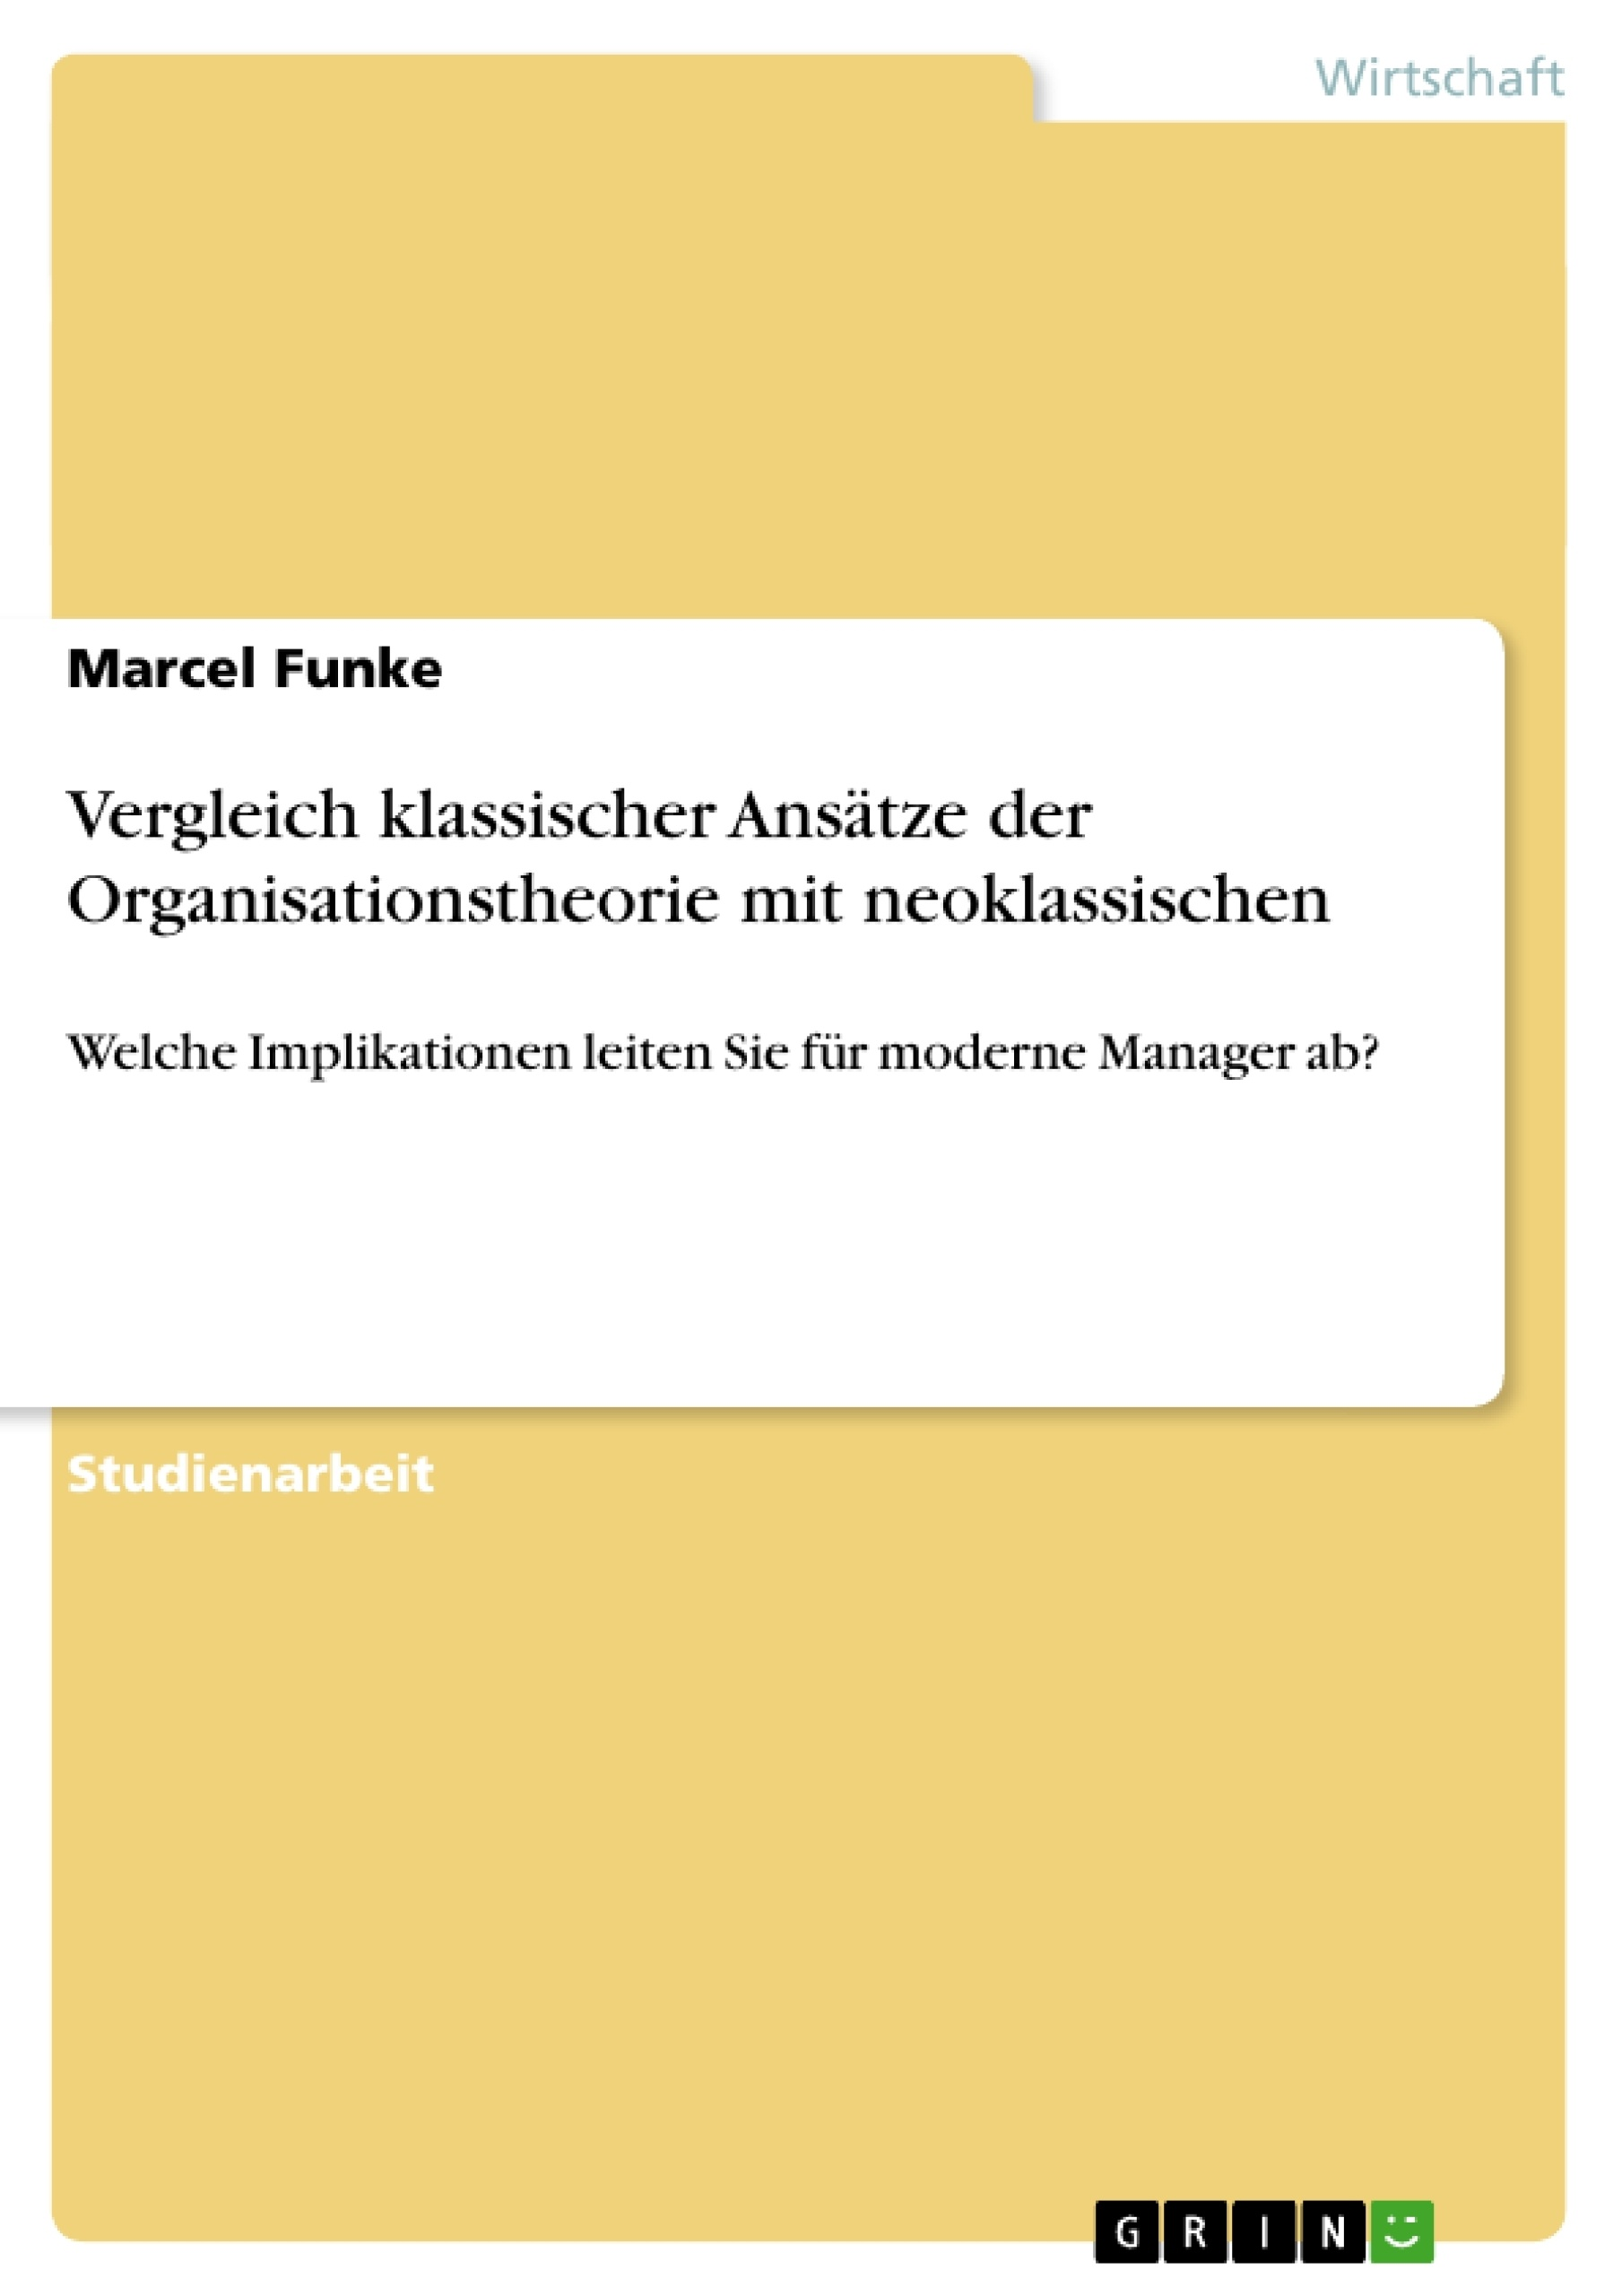 Titel: Vergleich klassischer Ansätze der Organisationstheorie mit neoklassischen